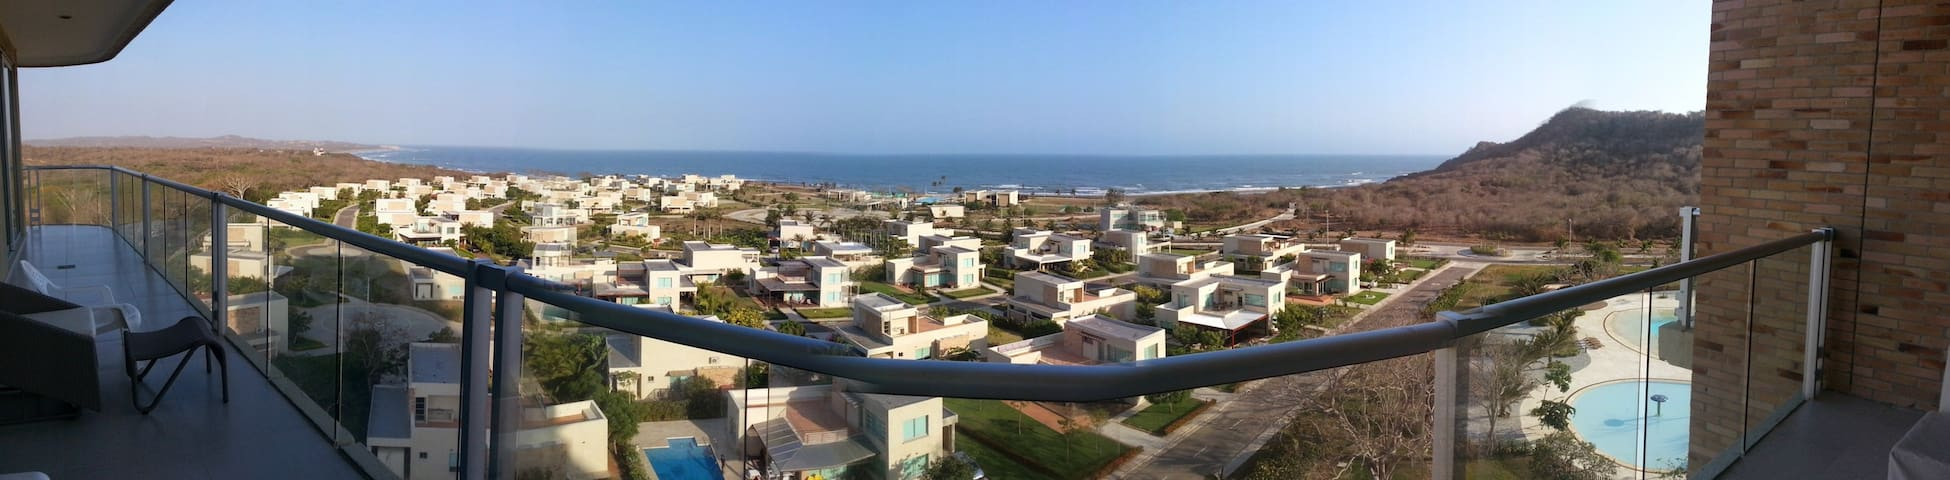 Bello apartamento junto al Mar - Atlantico - Flat